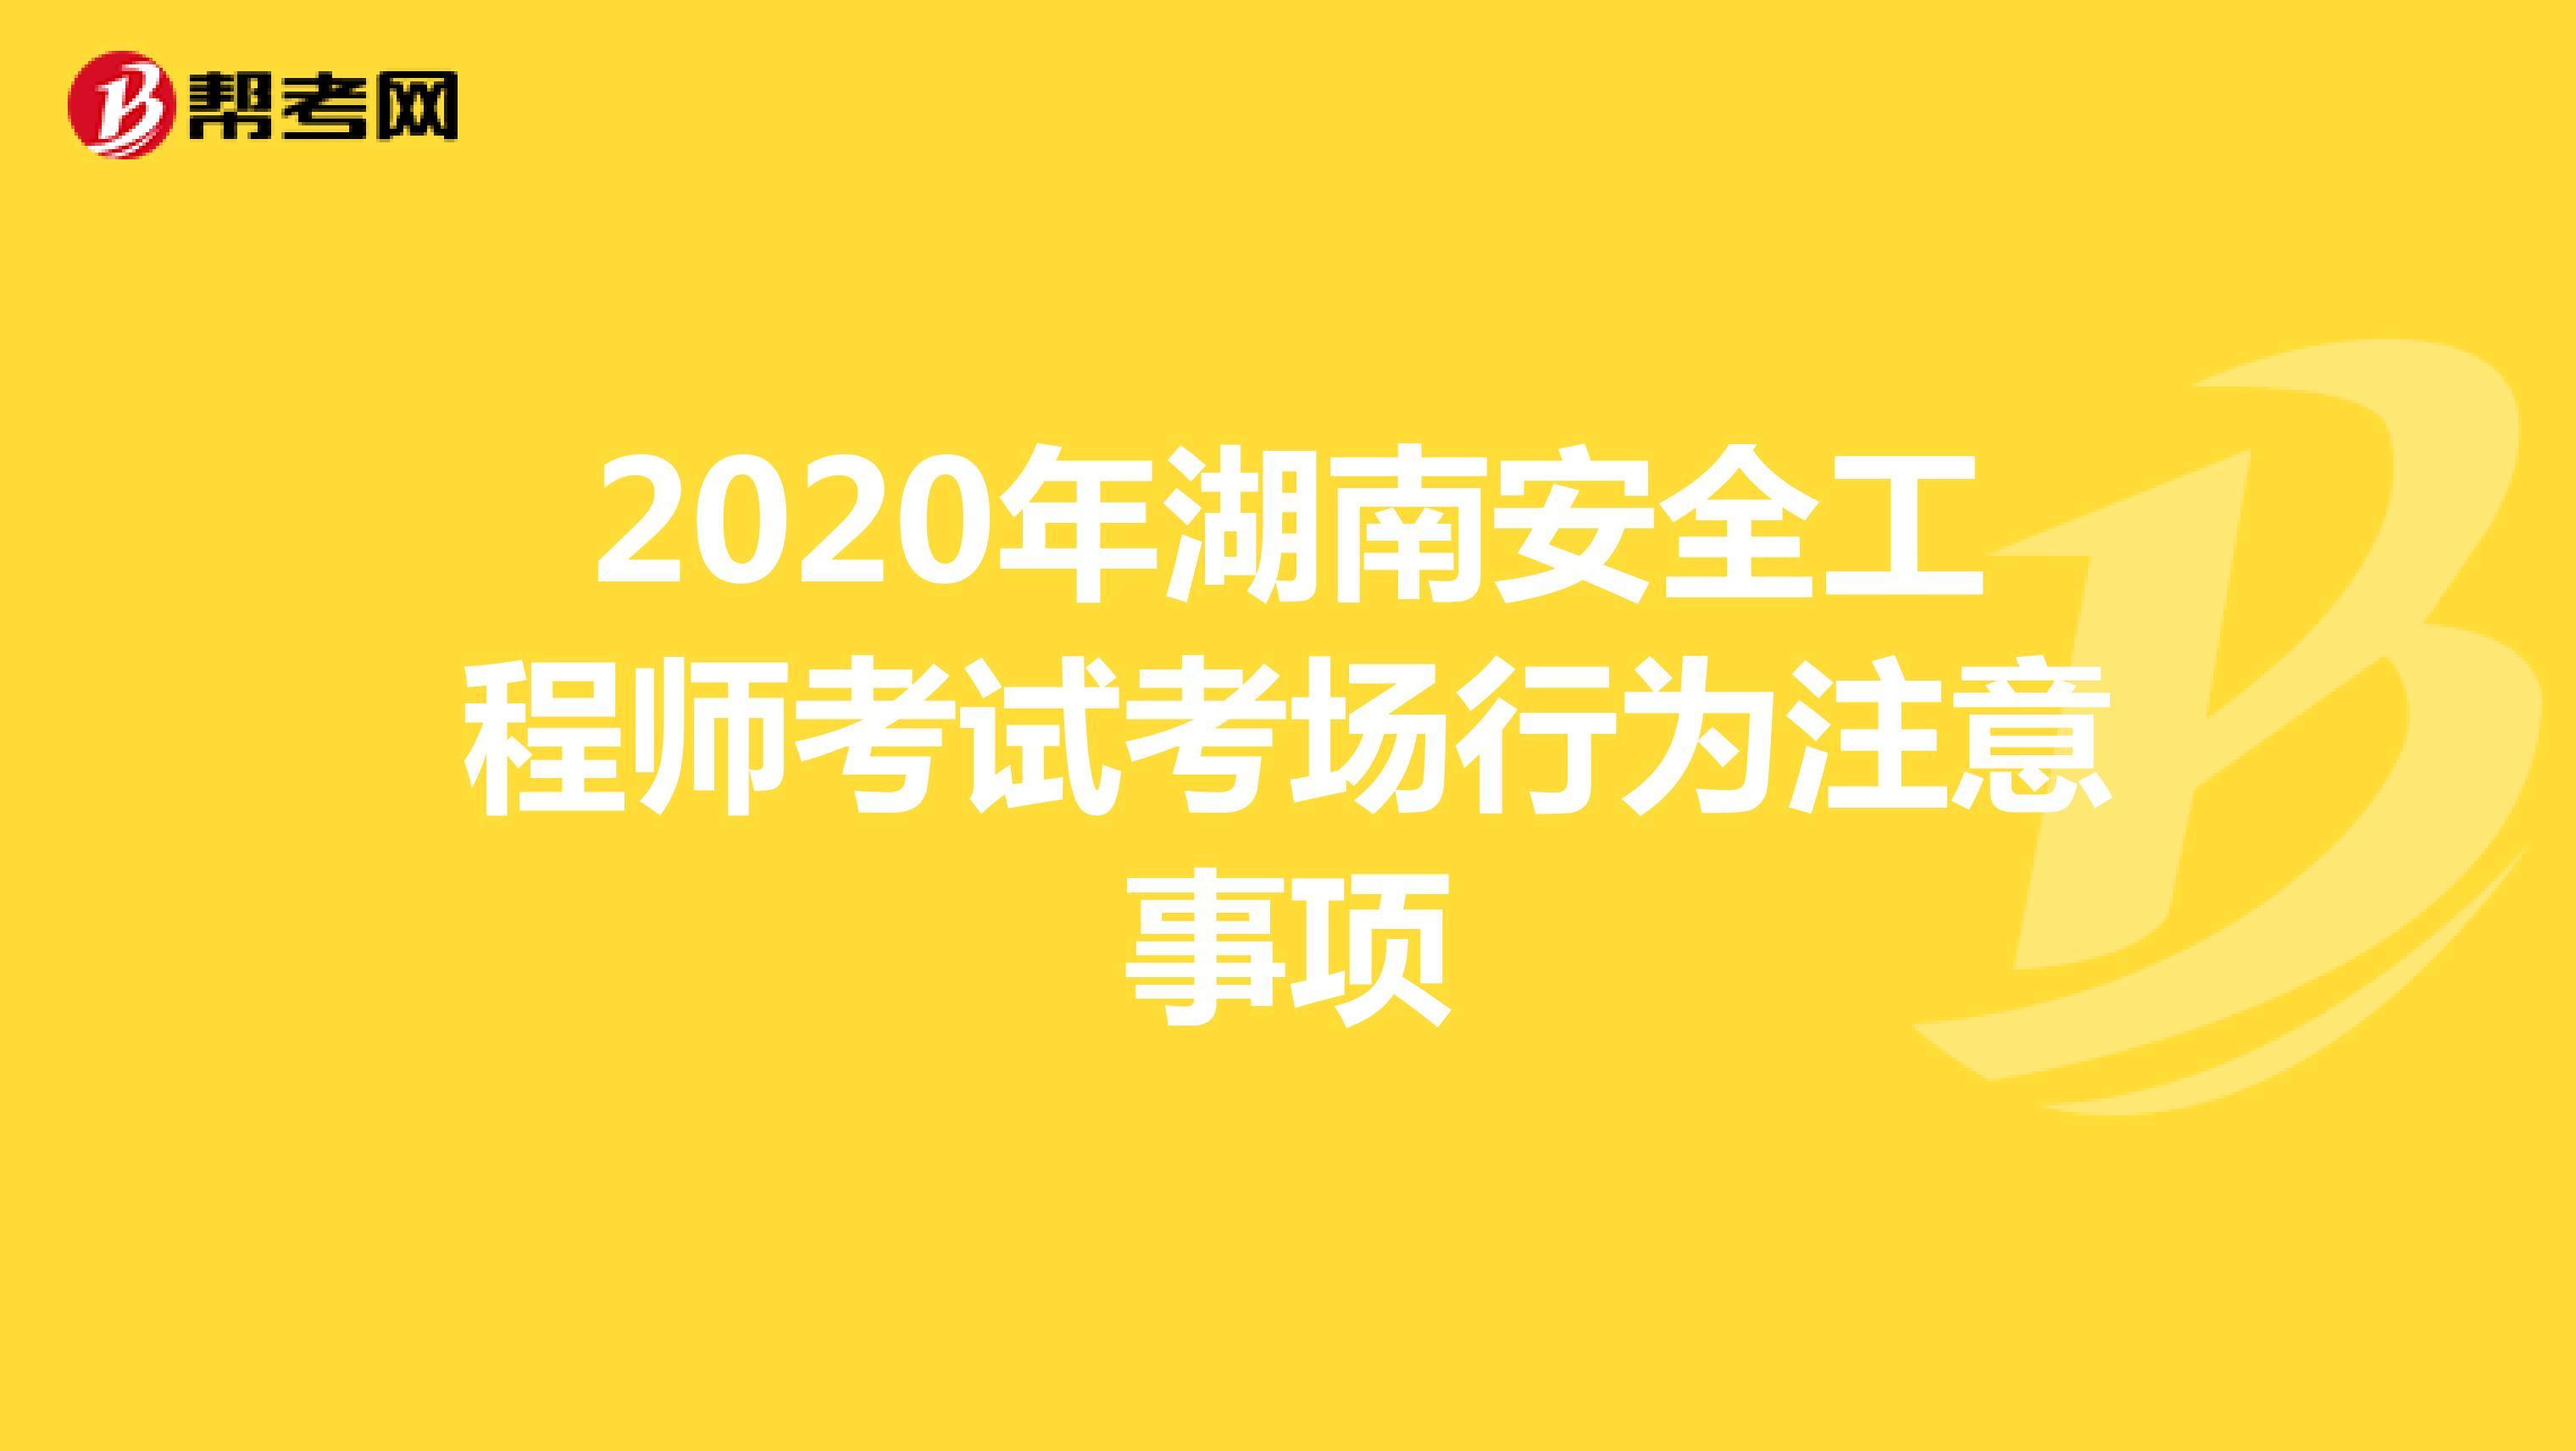 2020年湖南安全工程师考试考场行为注意事项